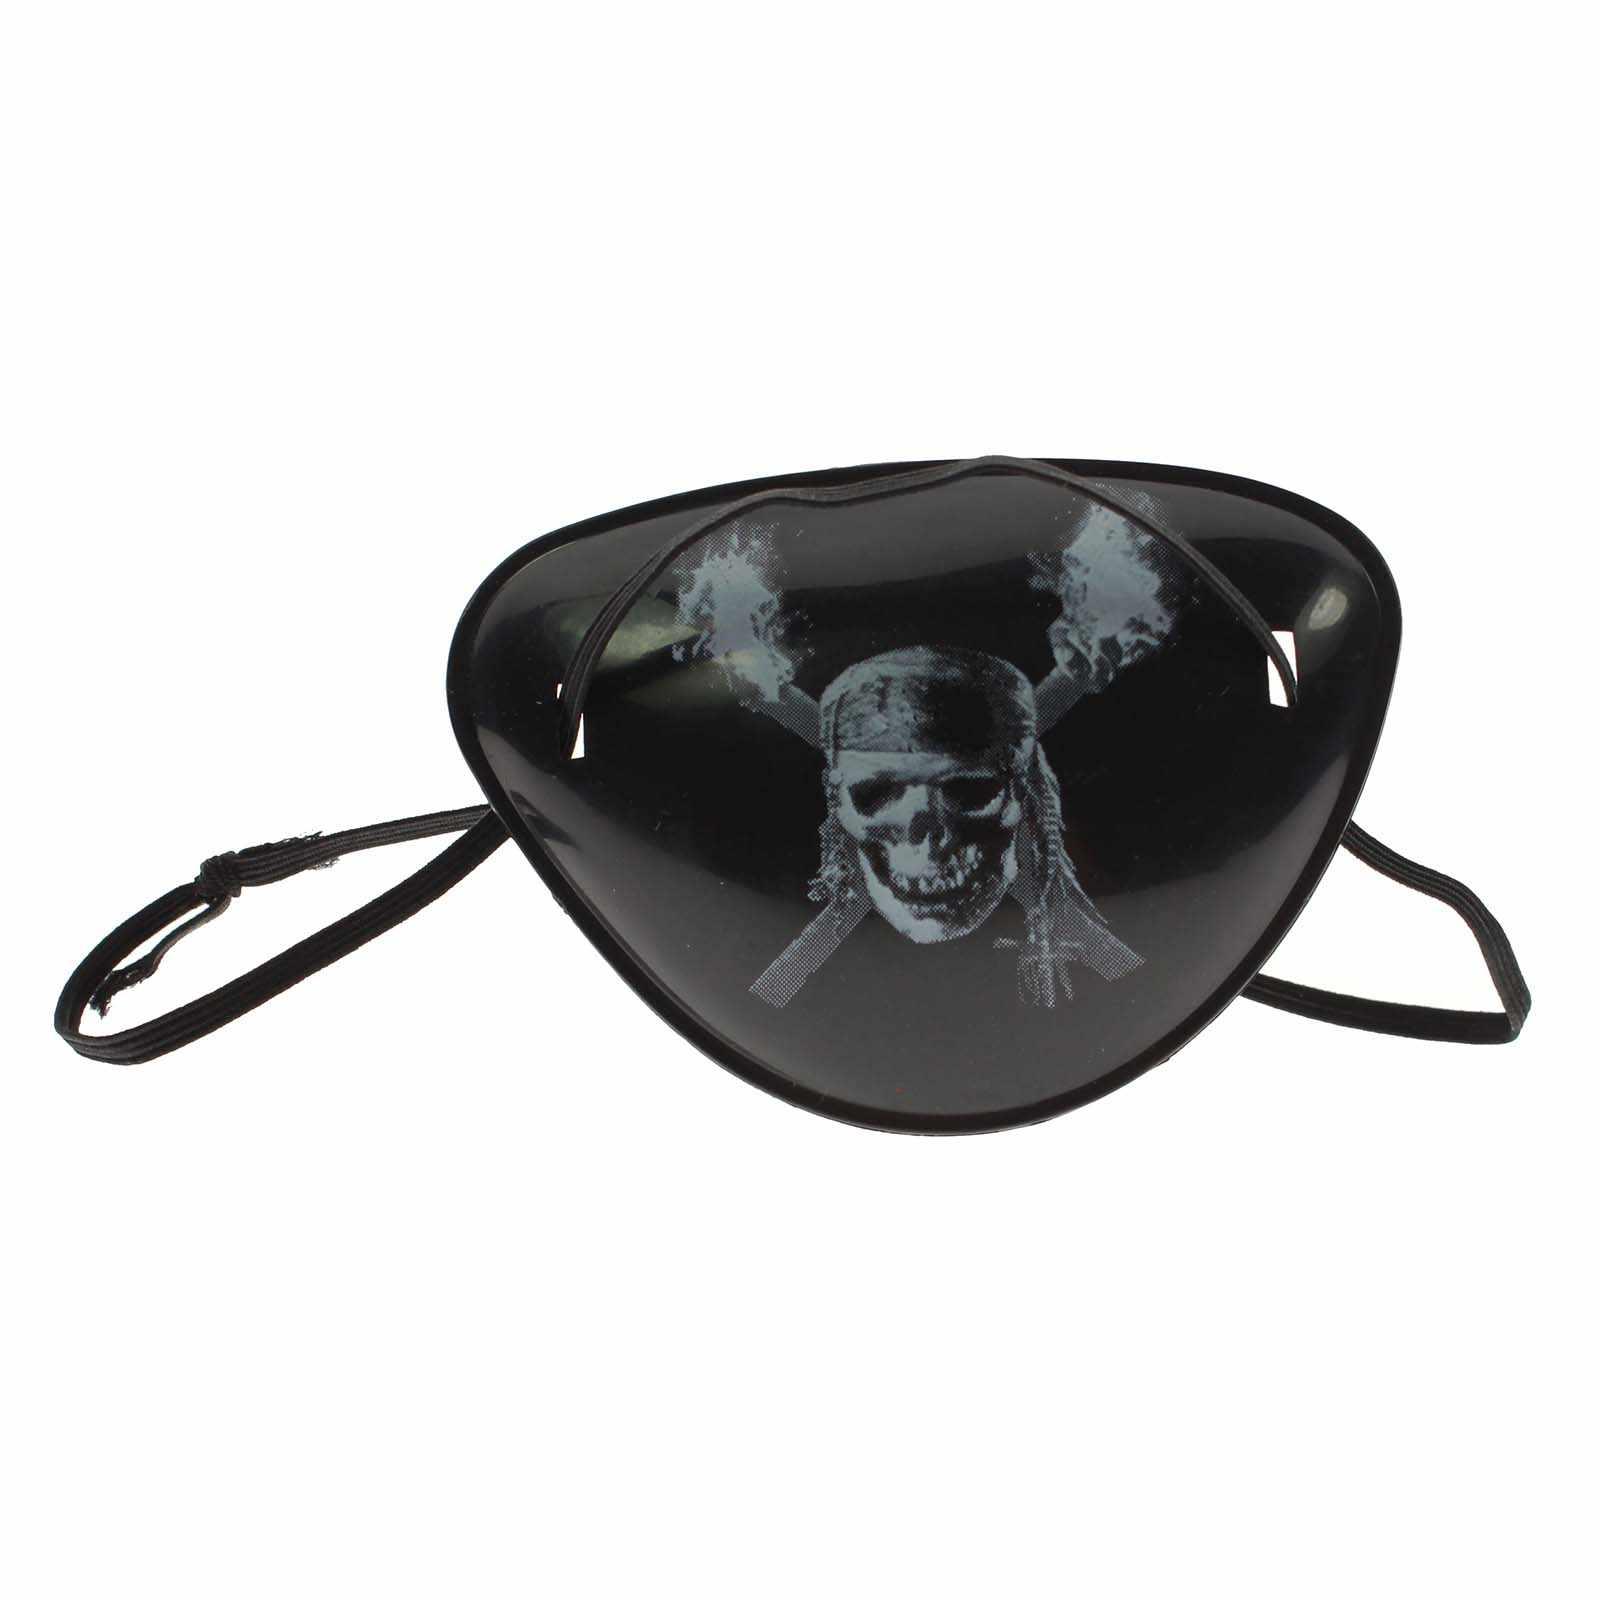 Czaszka pirata, dziecko, dziecko, pojedynczy przepaska na oko pokrywa maska Halloween Party kostium Prop